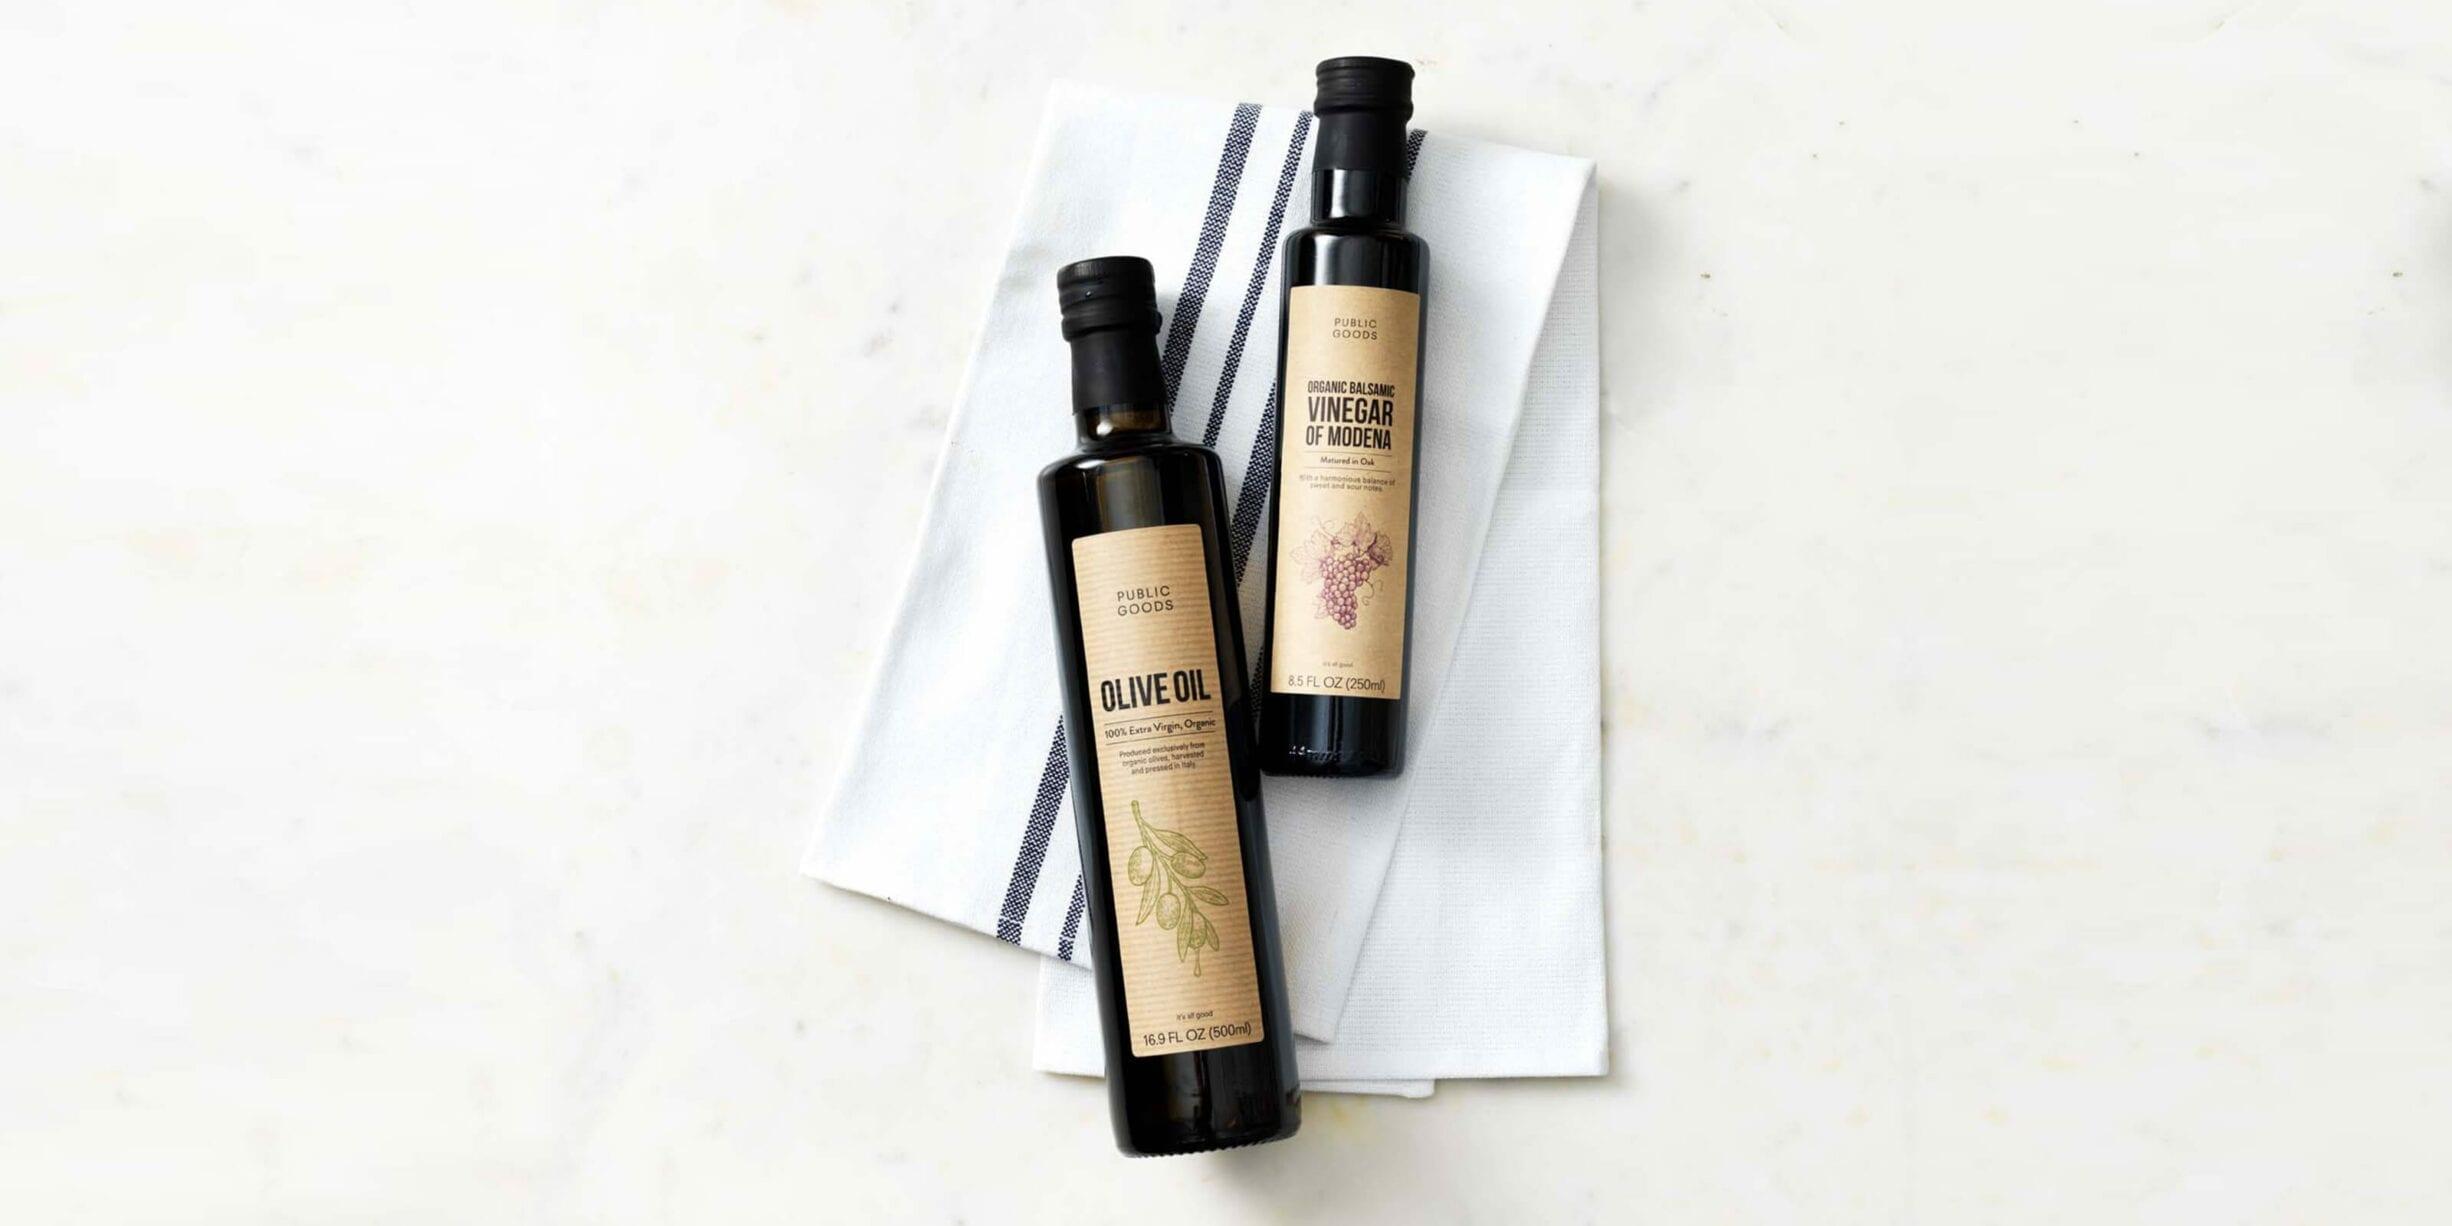 public goods olive oil and vinegar bottles, kitchen towels